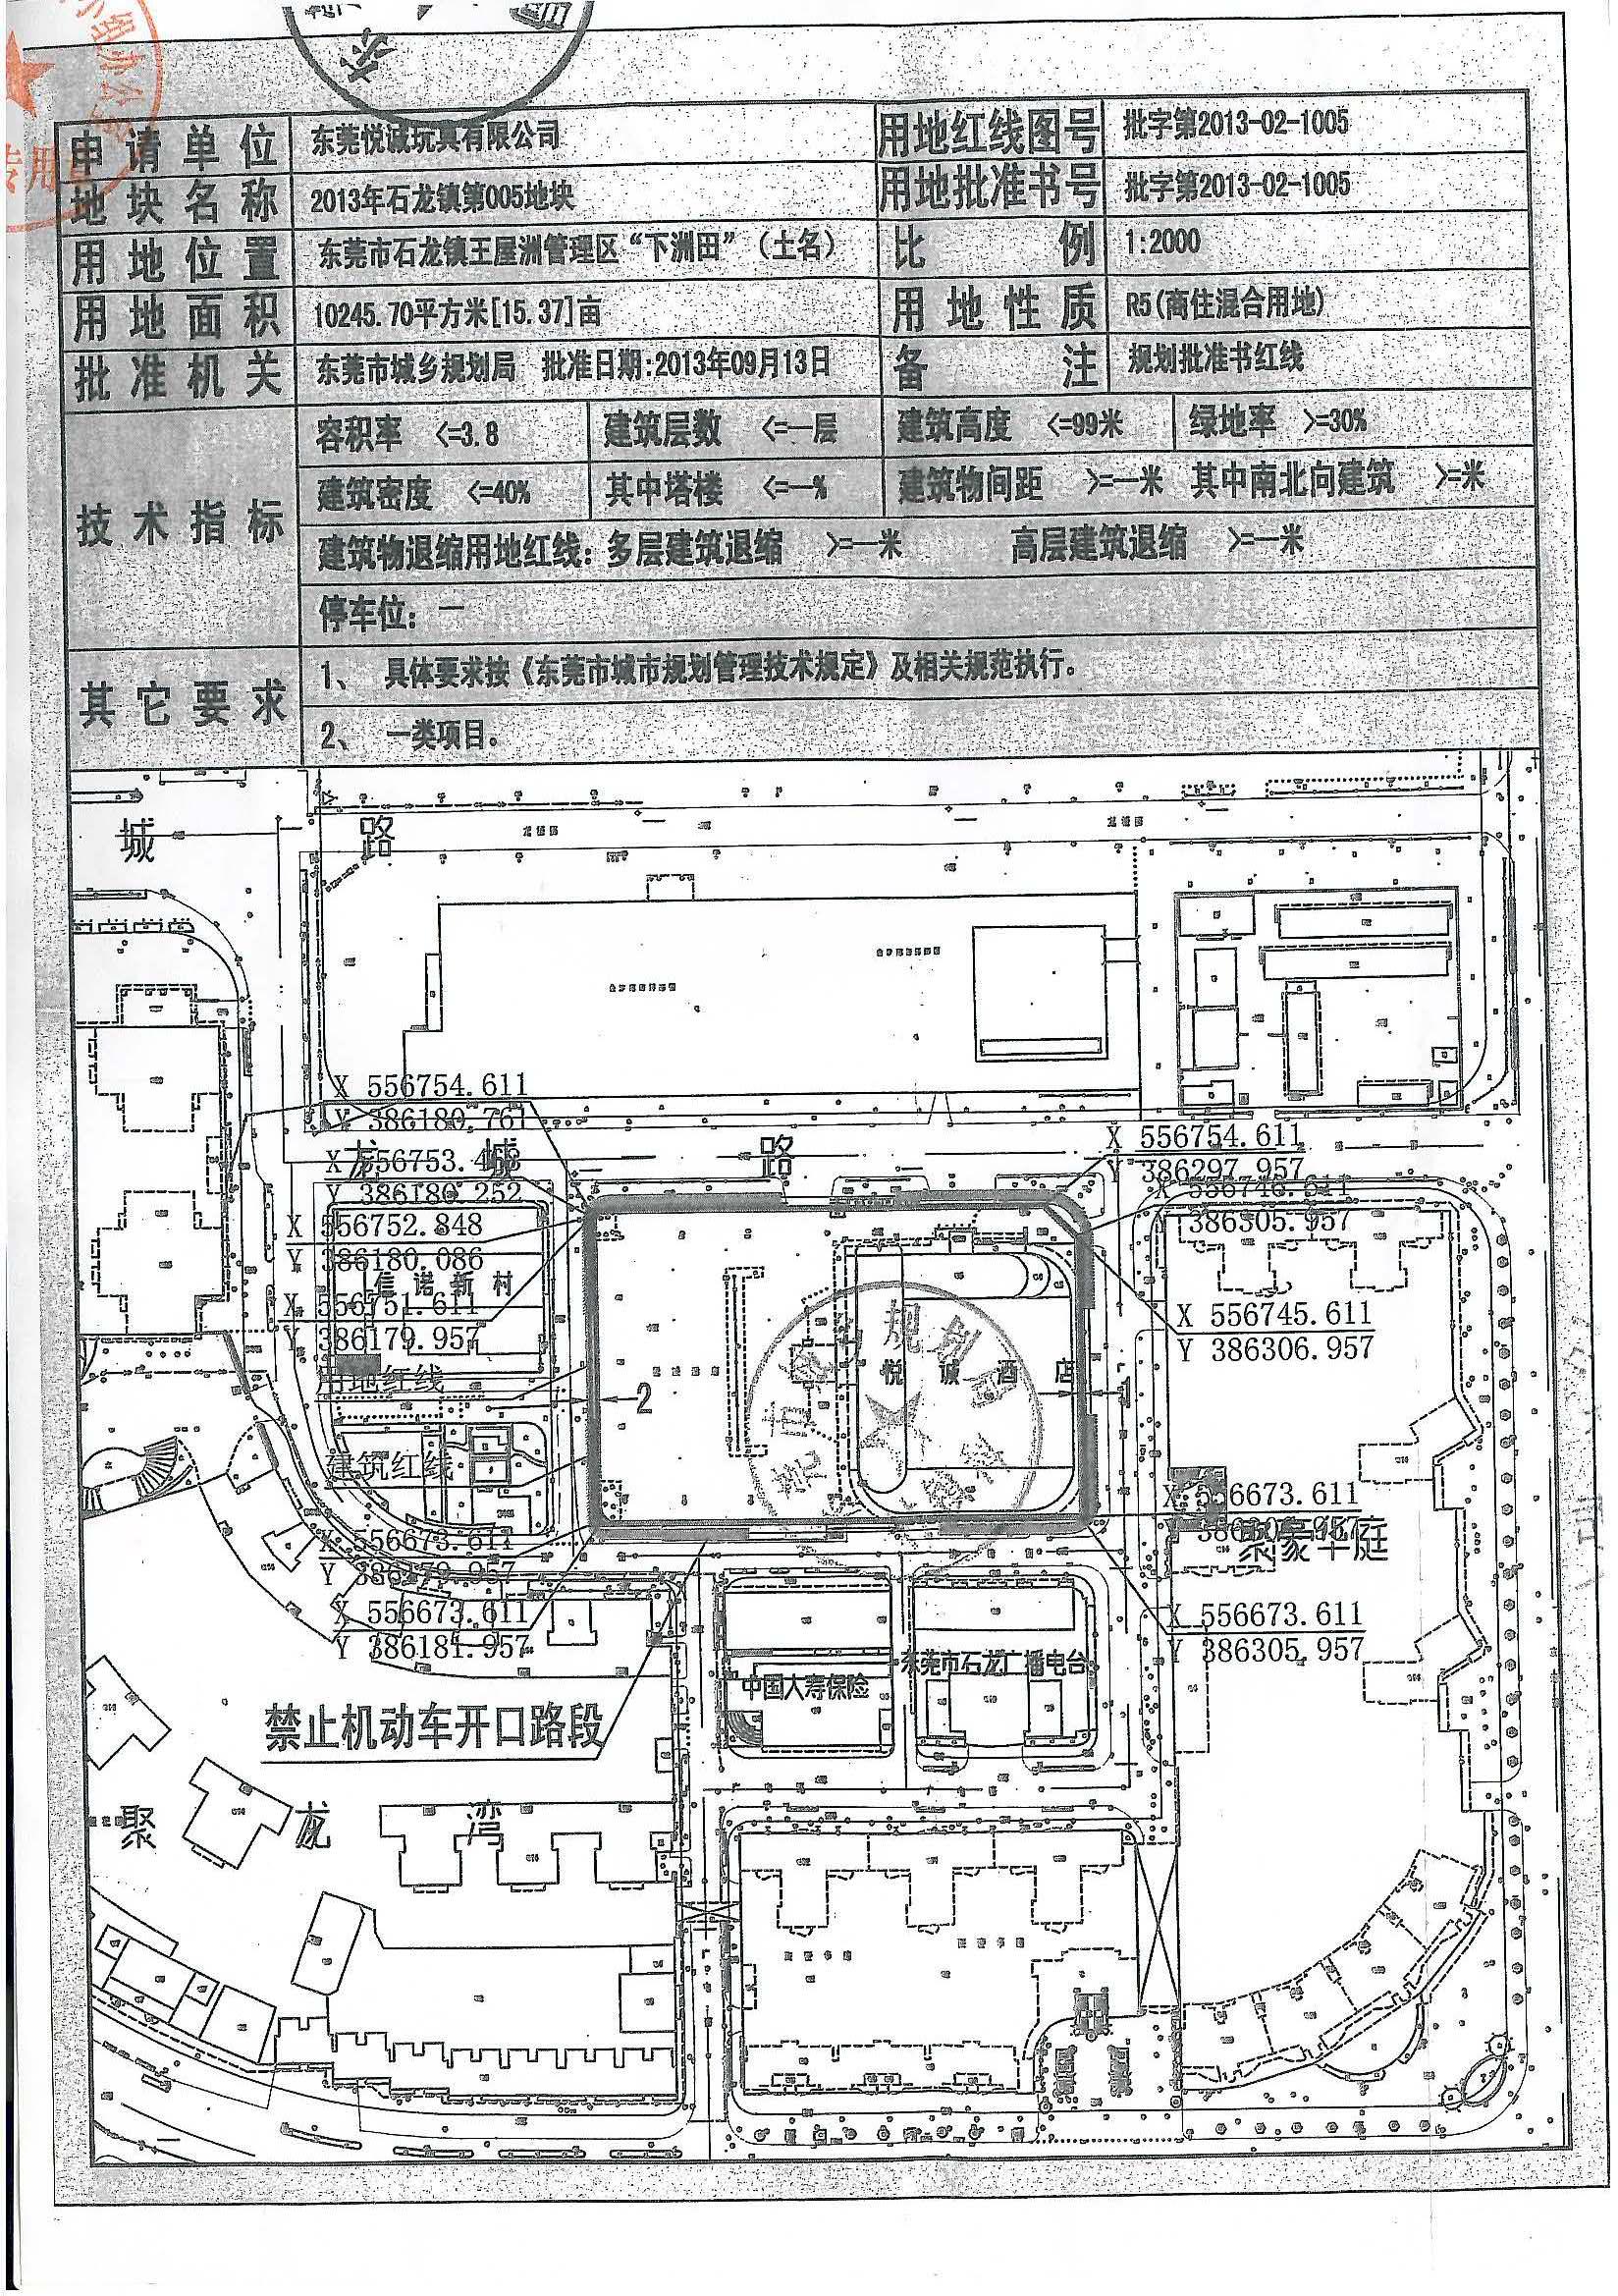 惠州地皮ope手机客户端@石龙17亩商住用地ope手机客户端